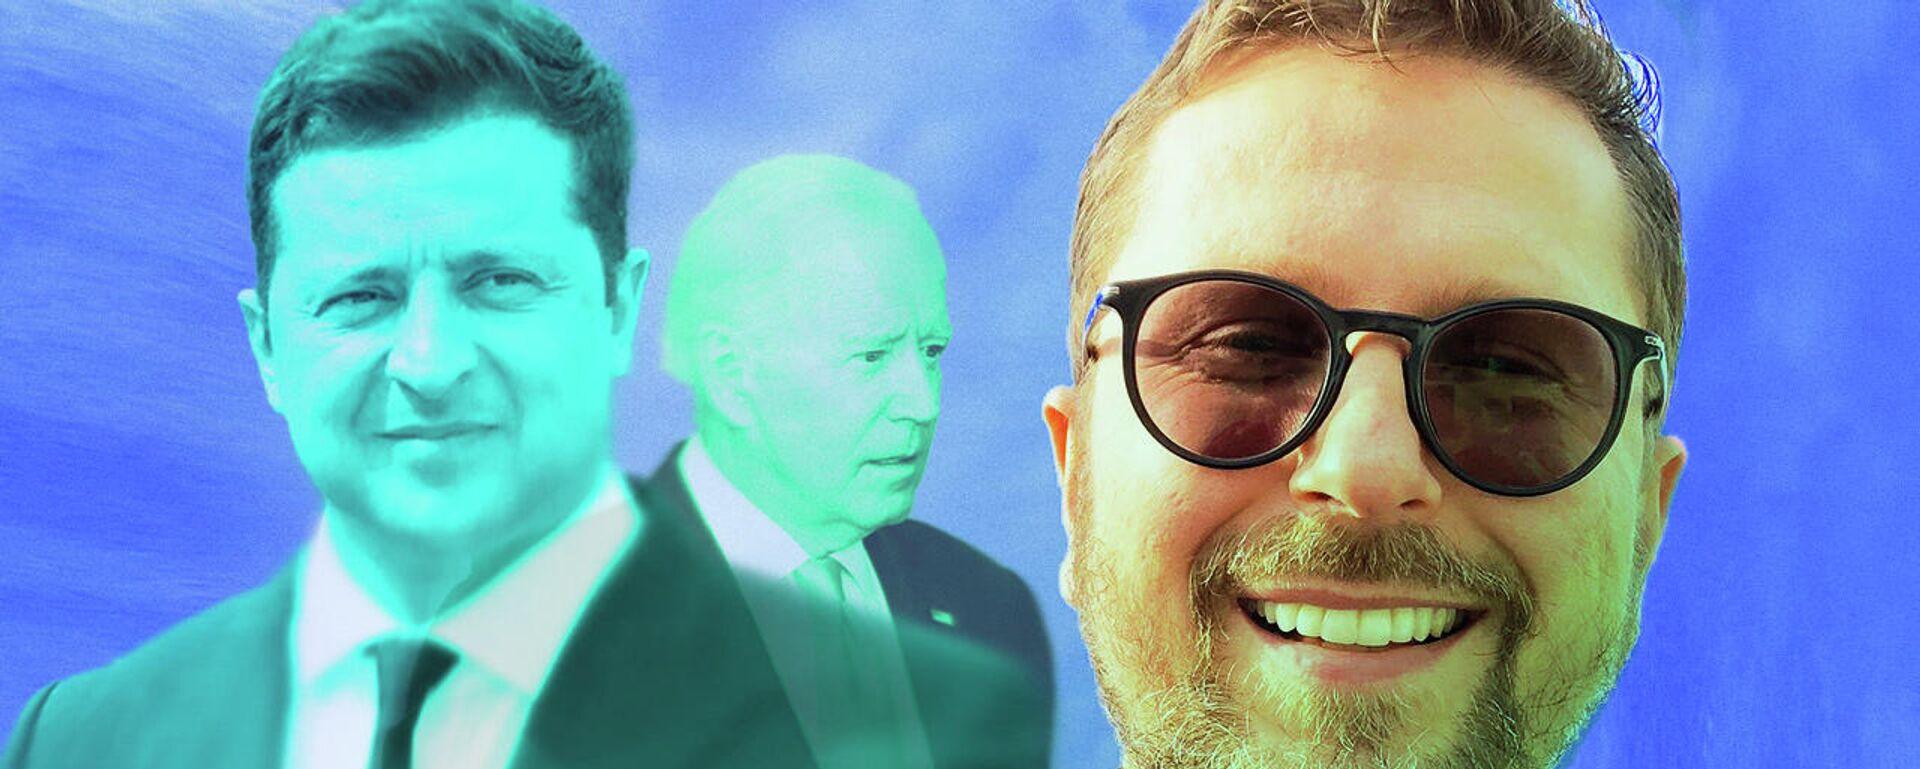 Шарий: Зеленский снял обручальное кольцо перед встречей с Байденом - Sputnik Грузия, 1920, 03.09.2021